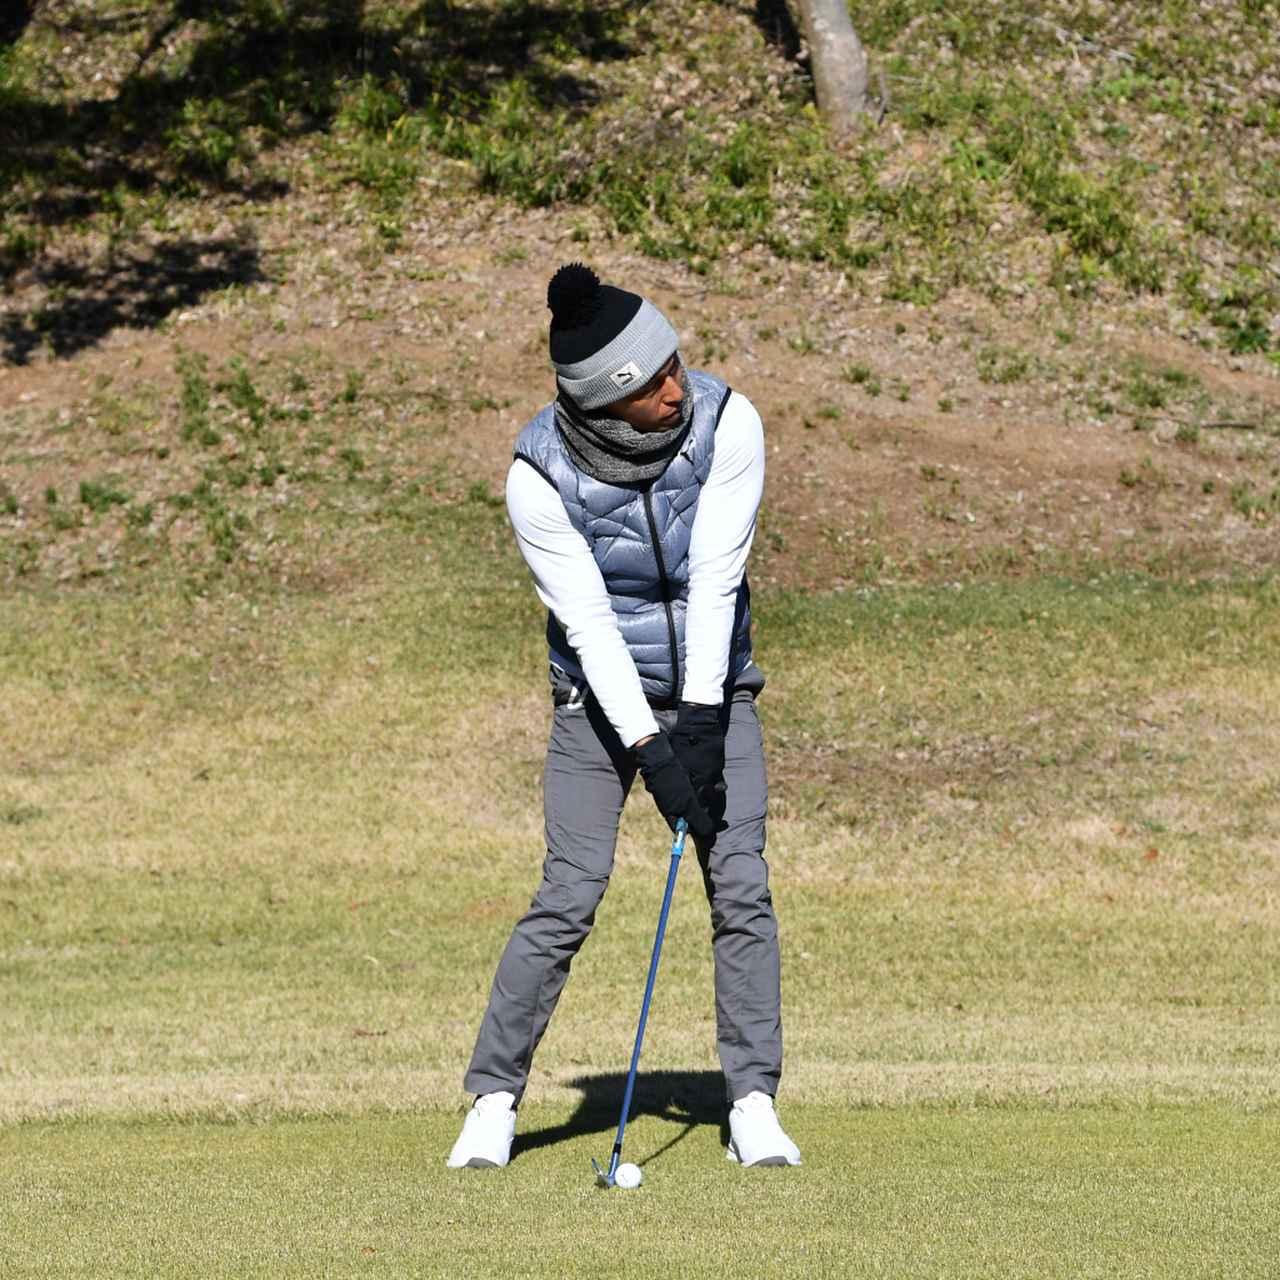 画像6: 【冬ゴルフのスコアメーク】今すぐ試したいテクニック「ティショット&セカンド編」。ベストスコアを冬に出す